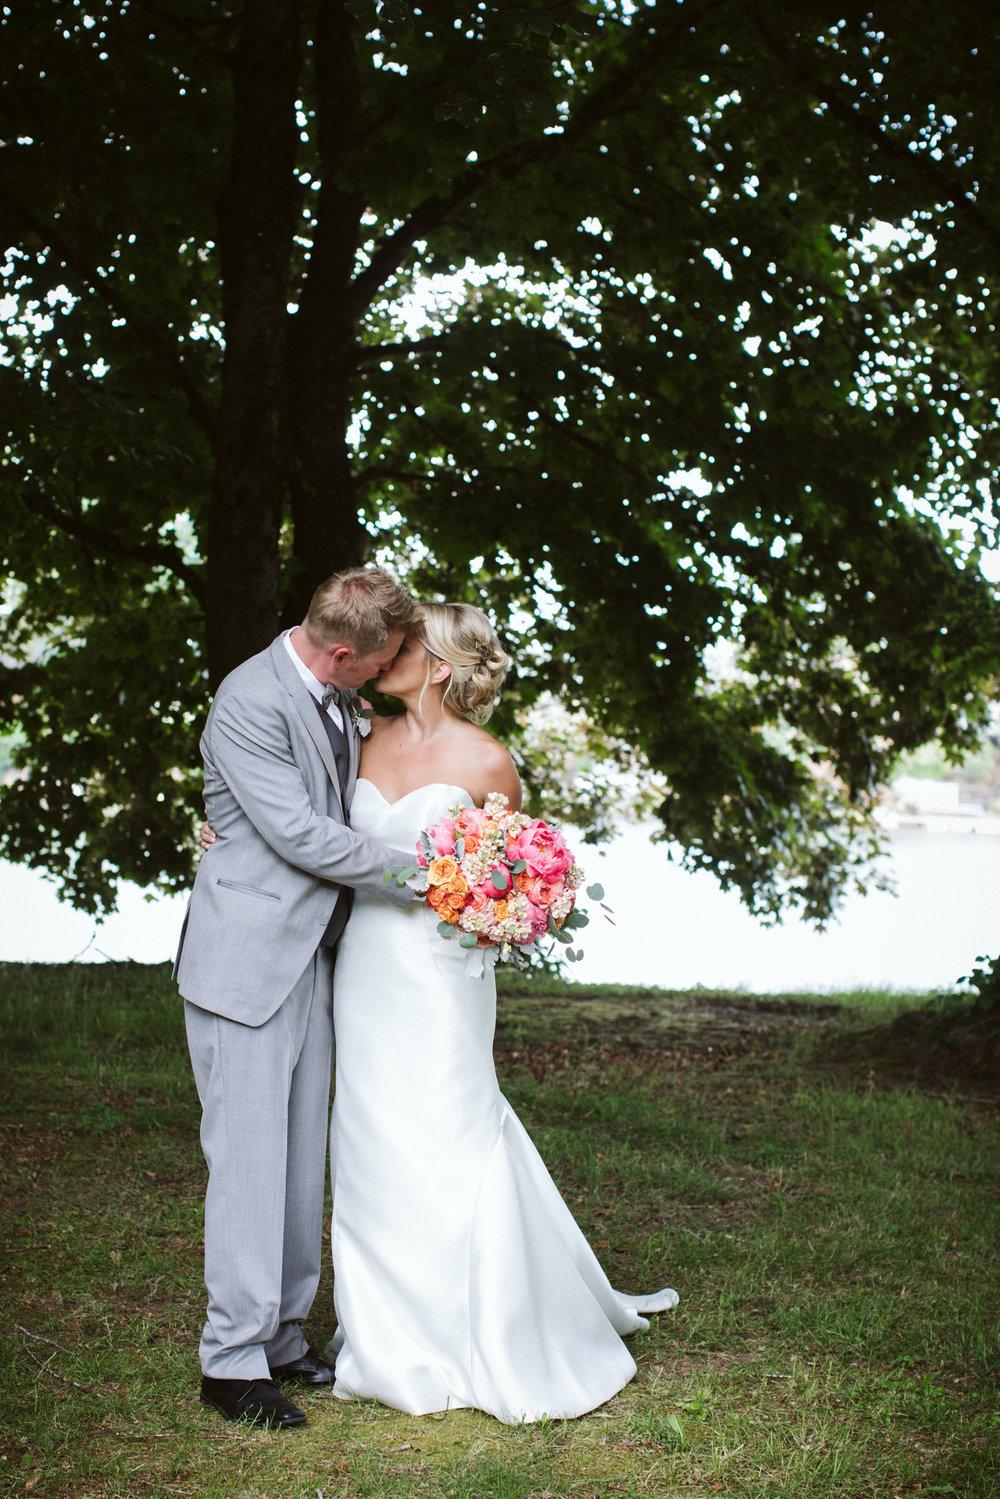 106-daronjackson-gabby-alec-wedding.jpg